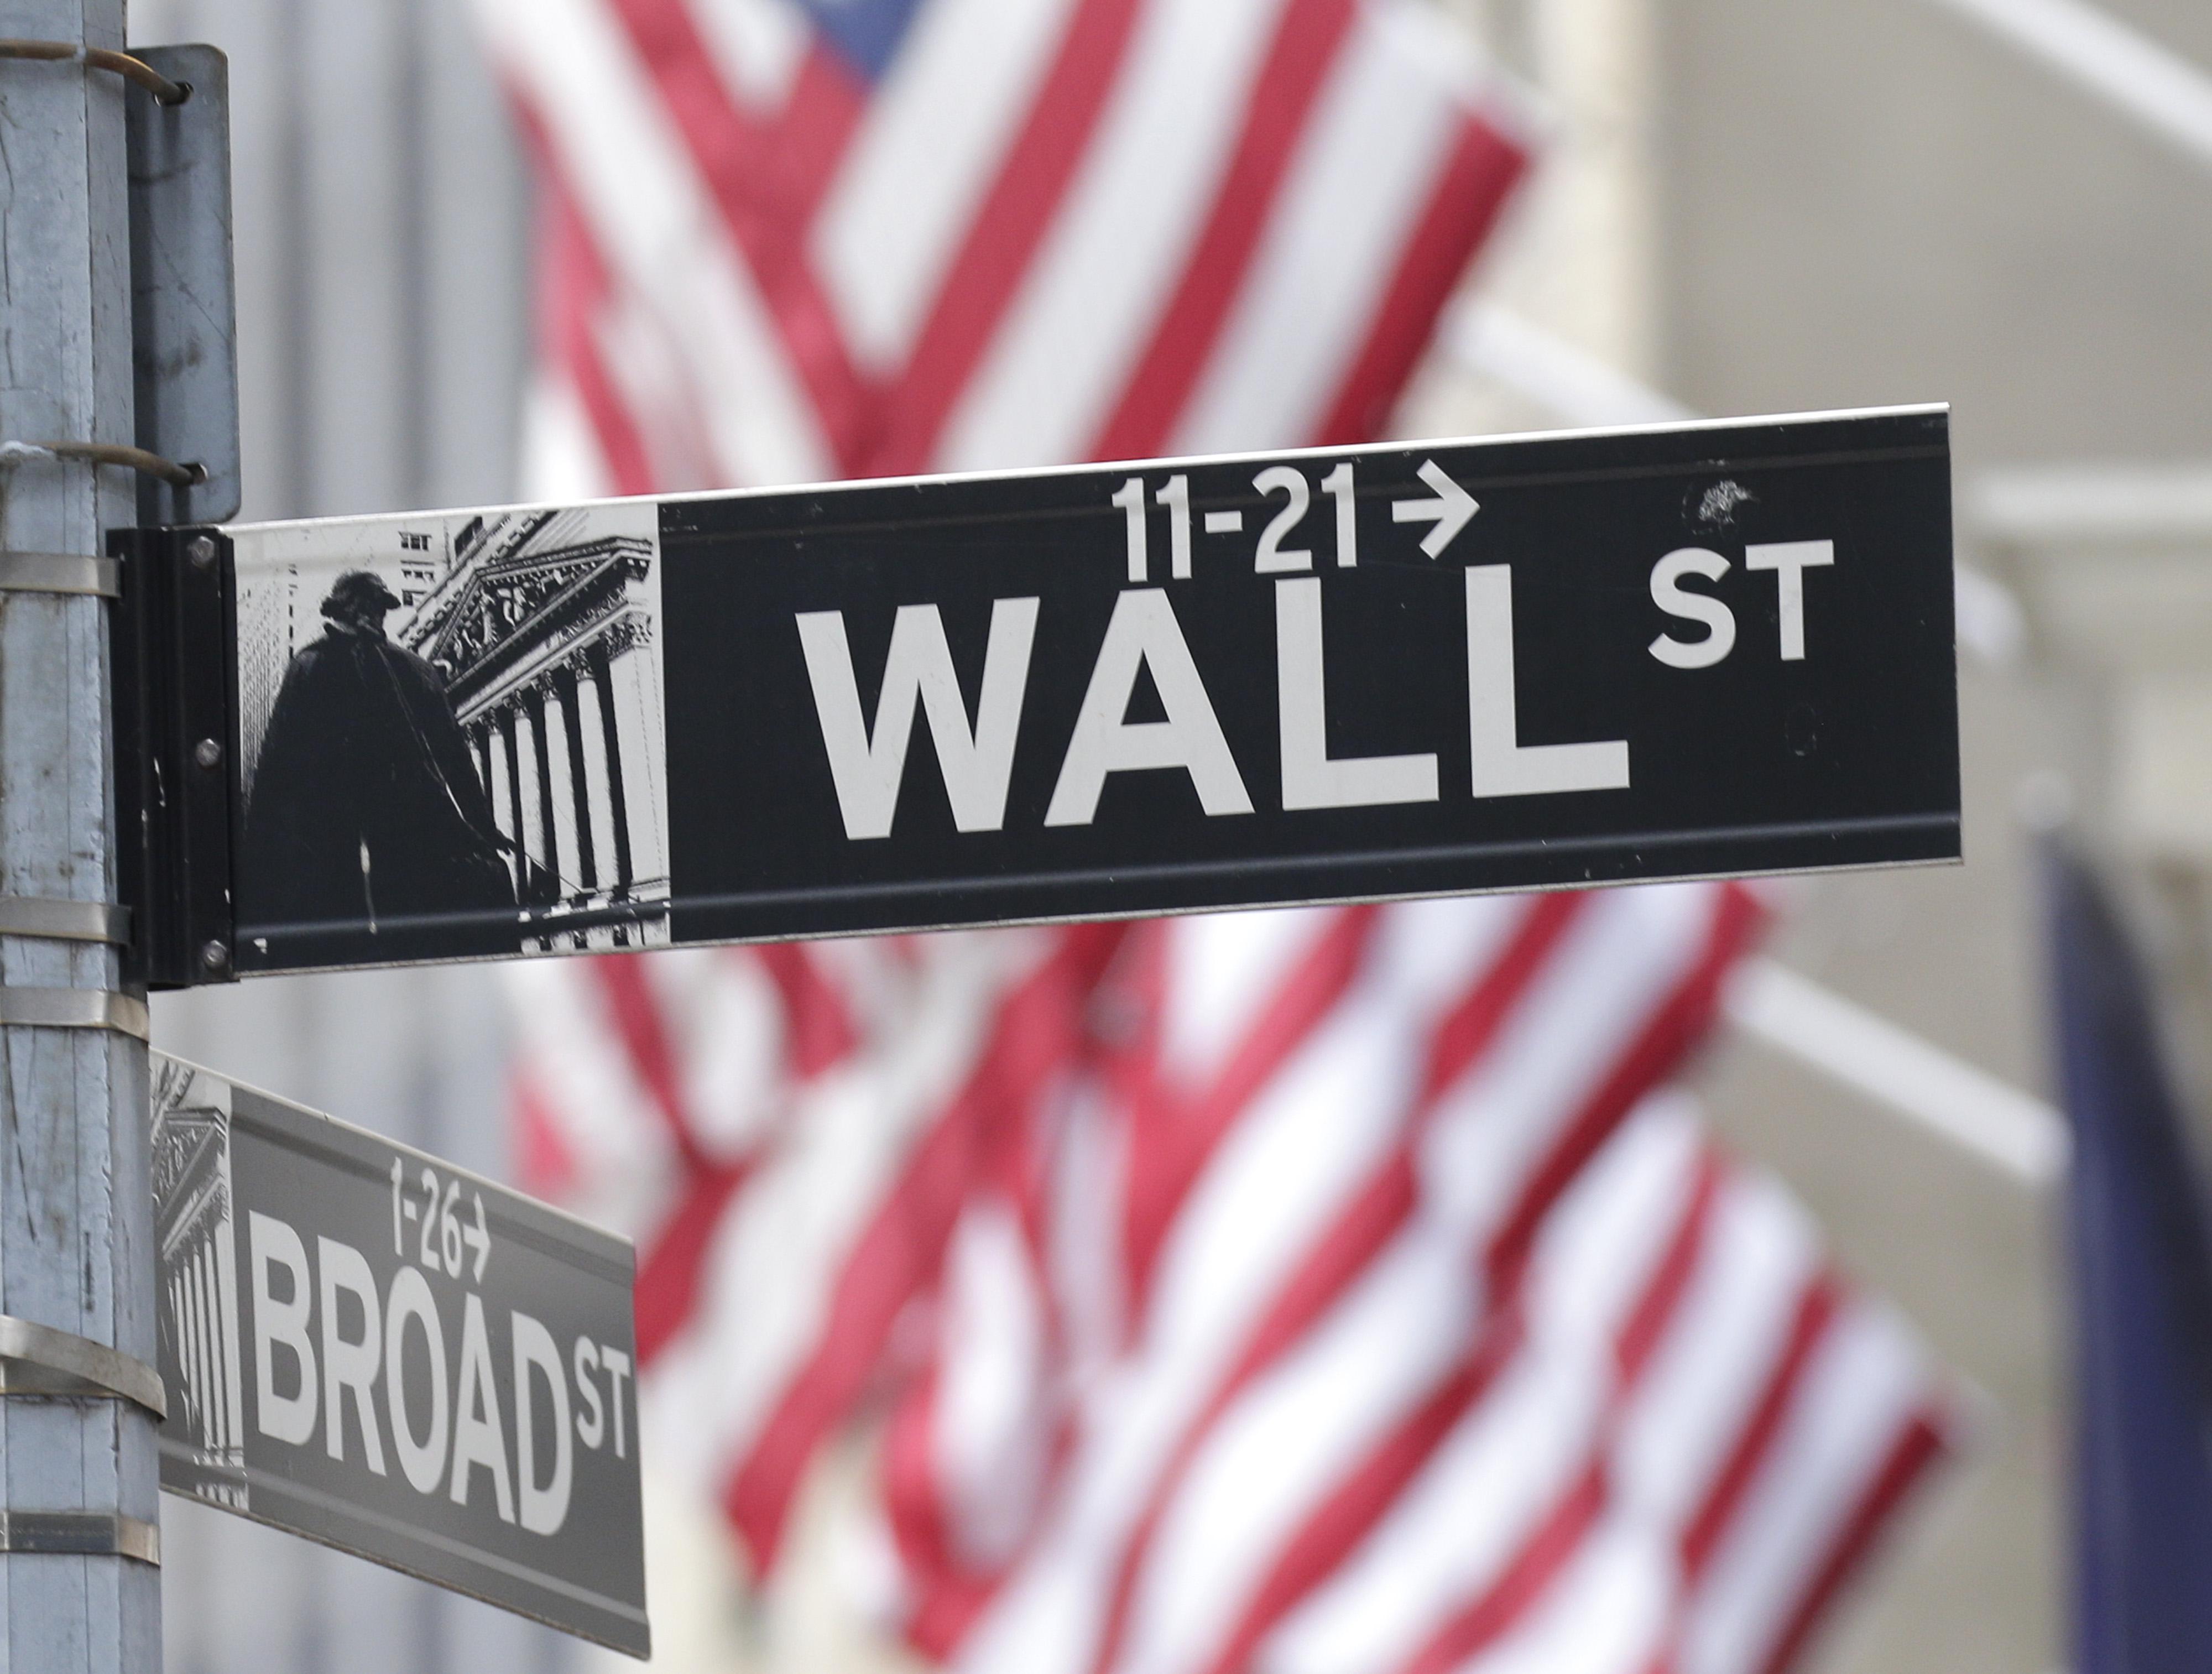 美债收益率连续第二日反转走高 亚马逊创纪录发债打压国债需求